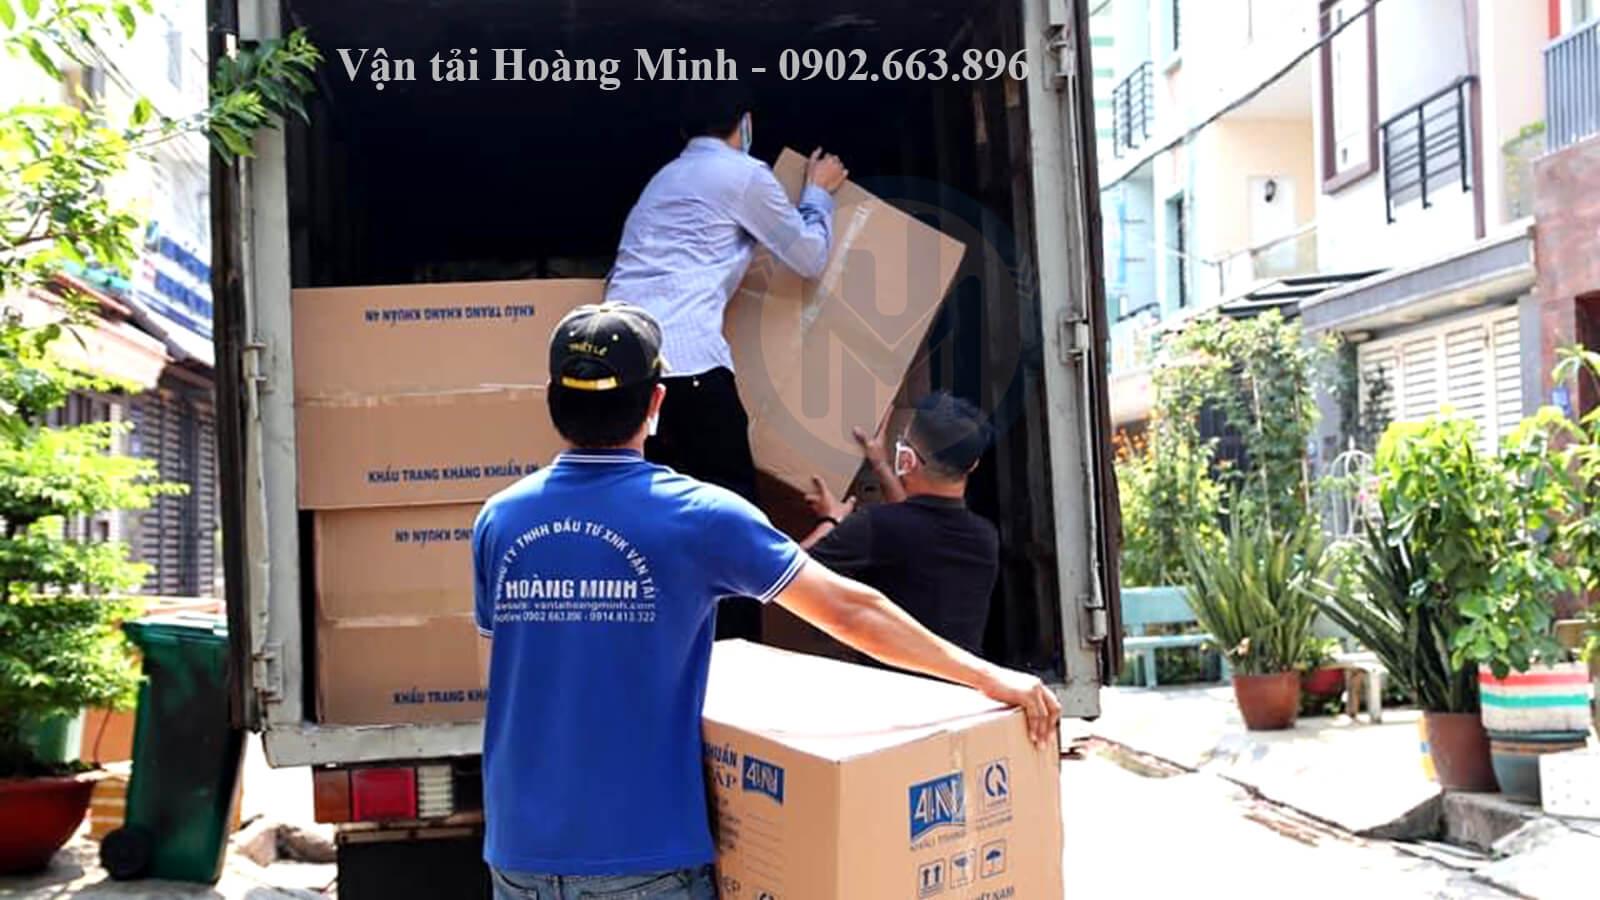 Giá cước thuê xe tải chở hàng Quận Bình Tân có đắt không